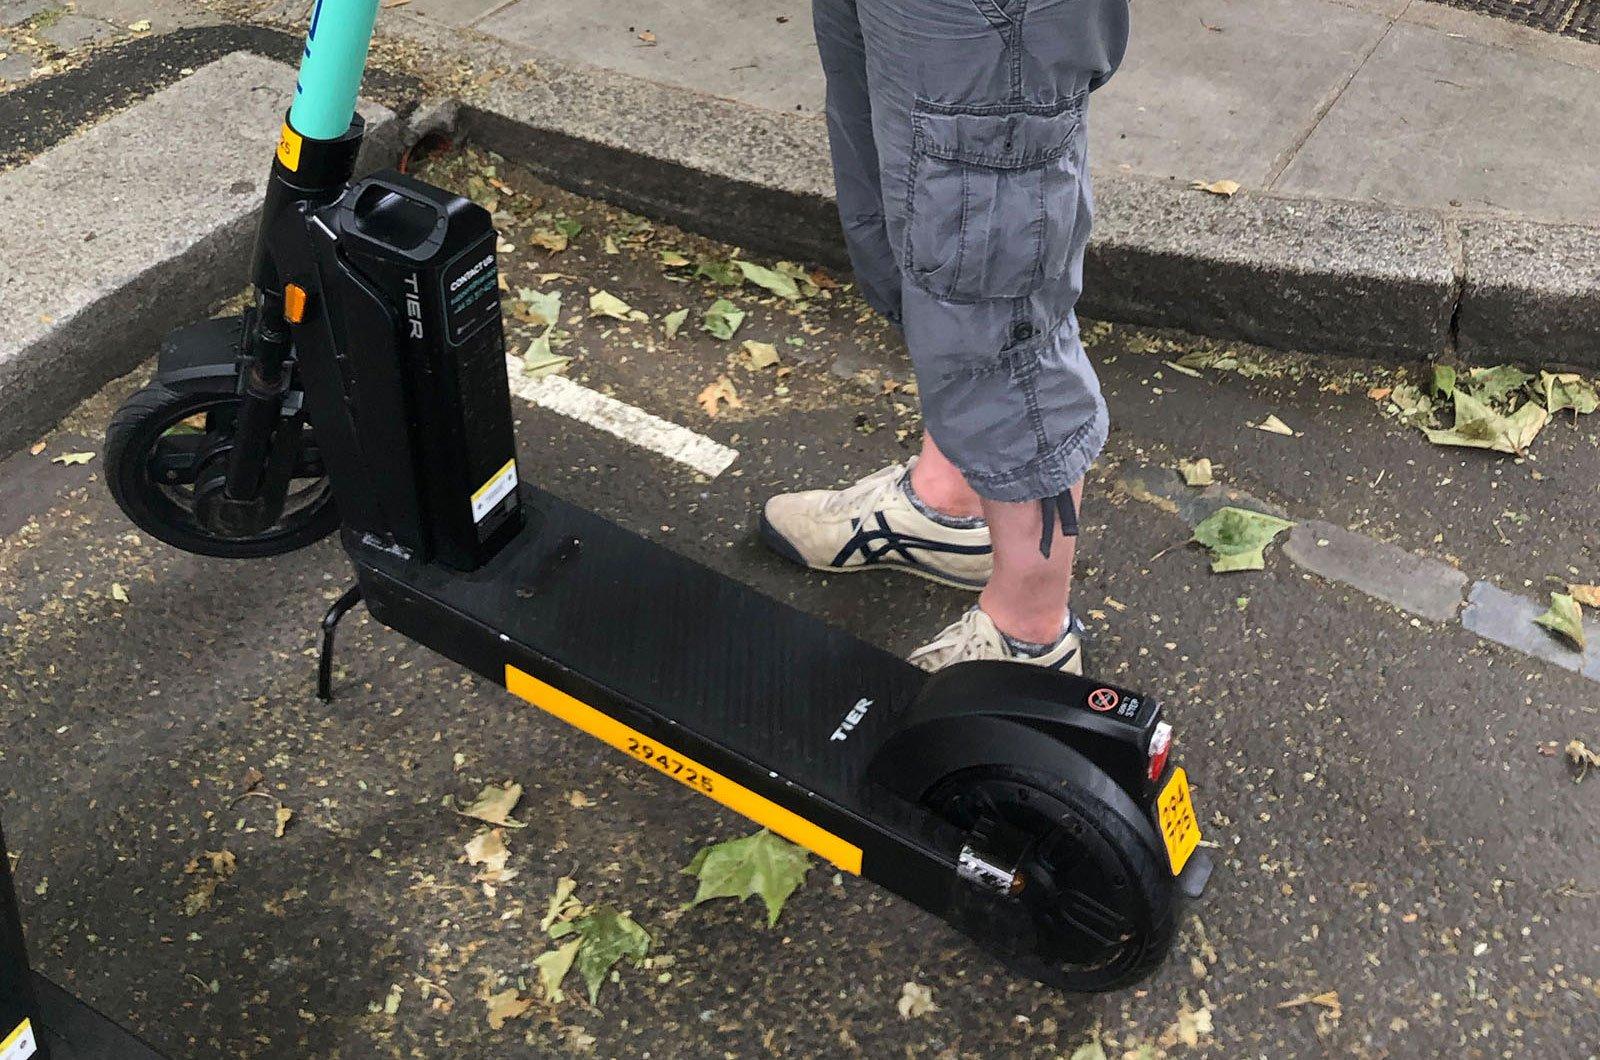 e-scooter base